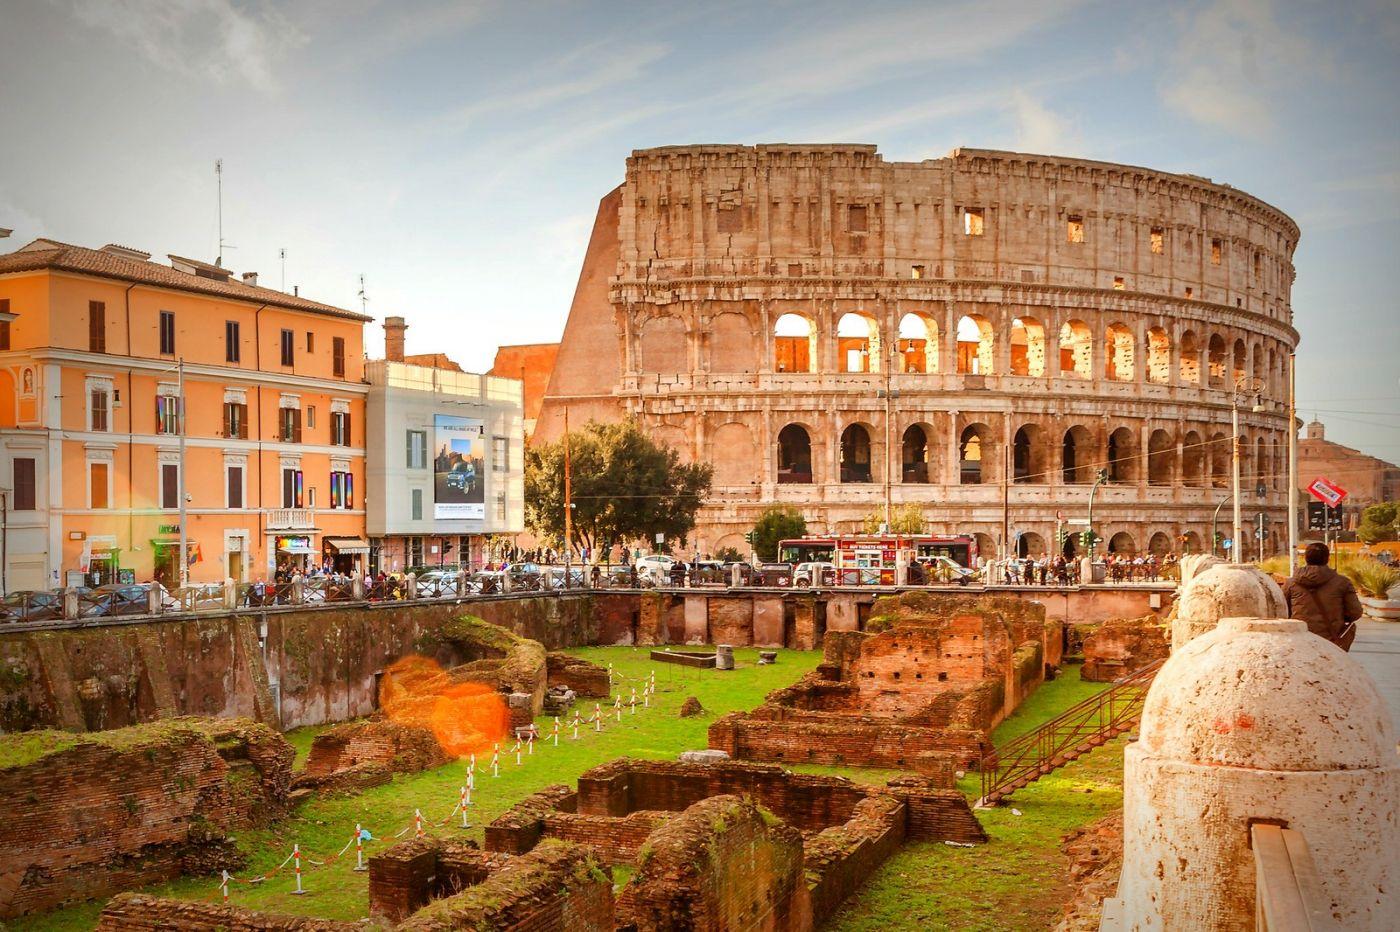 罗马斗兽场(Colosseum), 两千年的宏大建筑古迹_图1-13